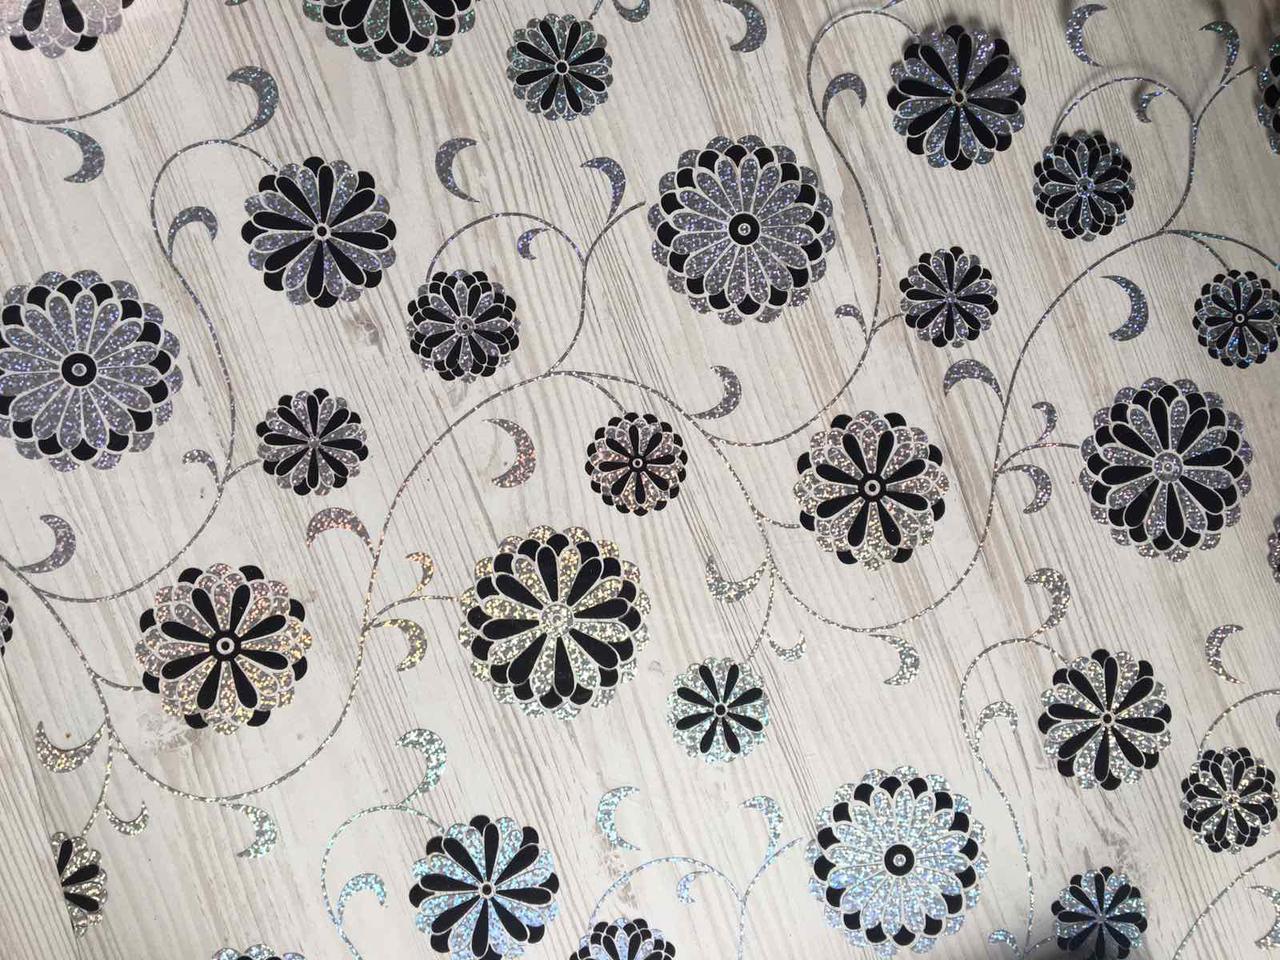 Скатертина м'яке скло Soft Glass з лазерним малюнком 3.0х0.8м (товщина 1.5 мм) Сріблясто-чорні квіти